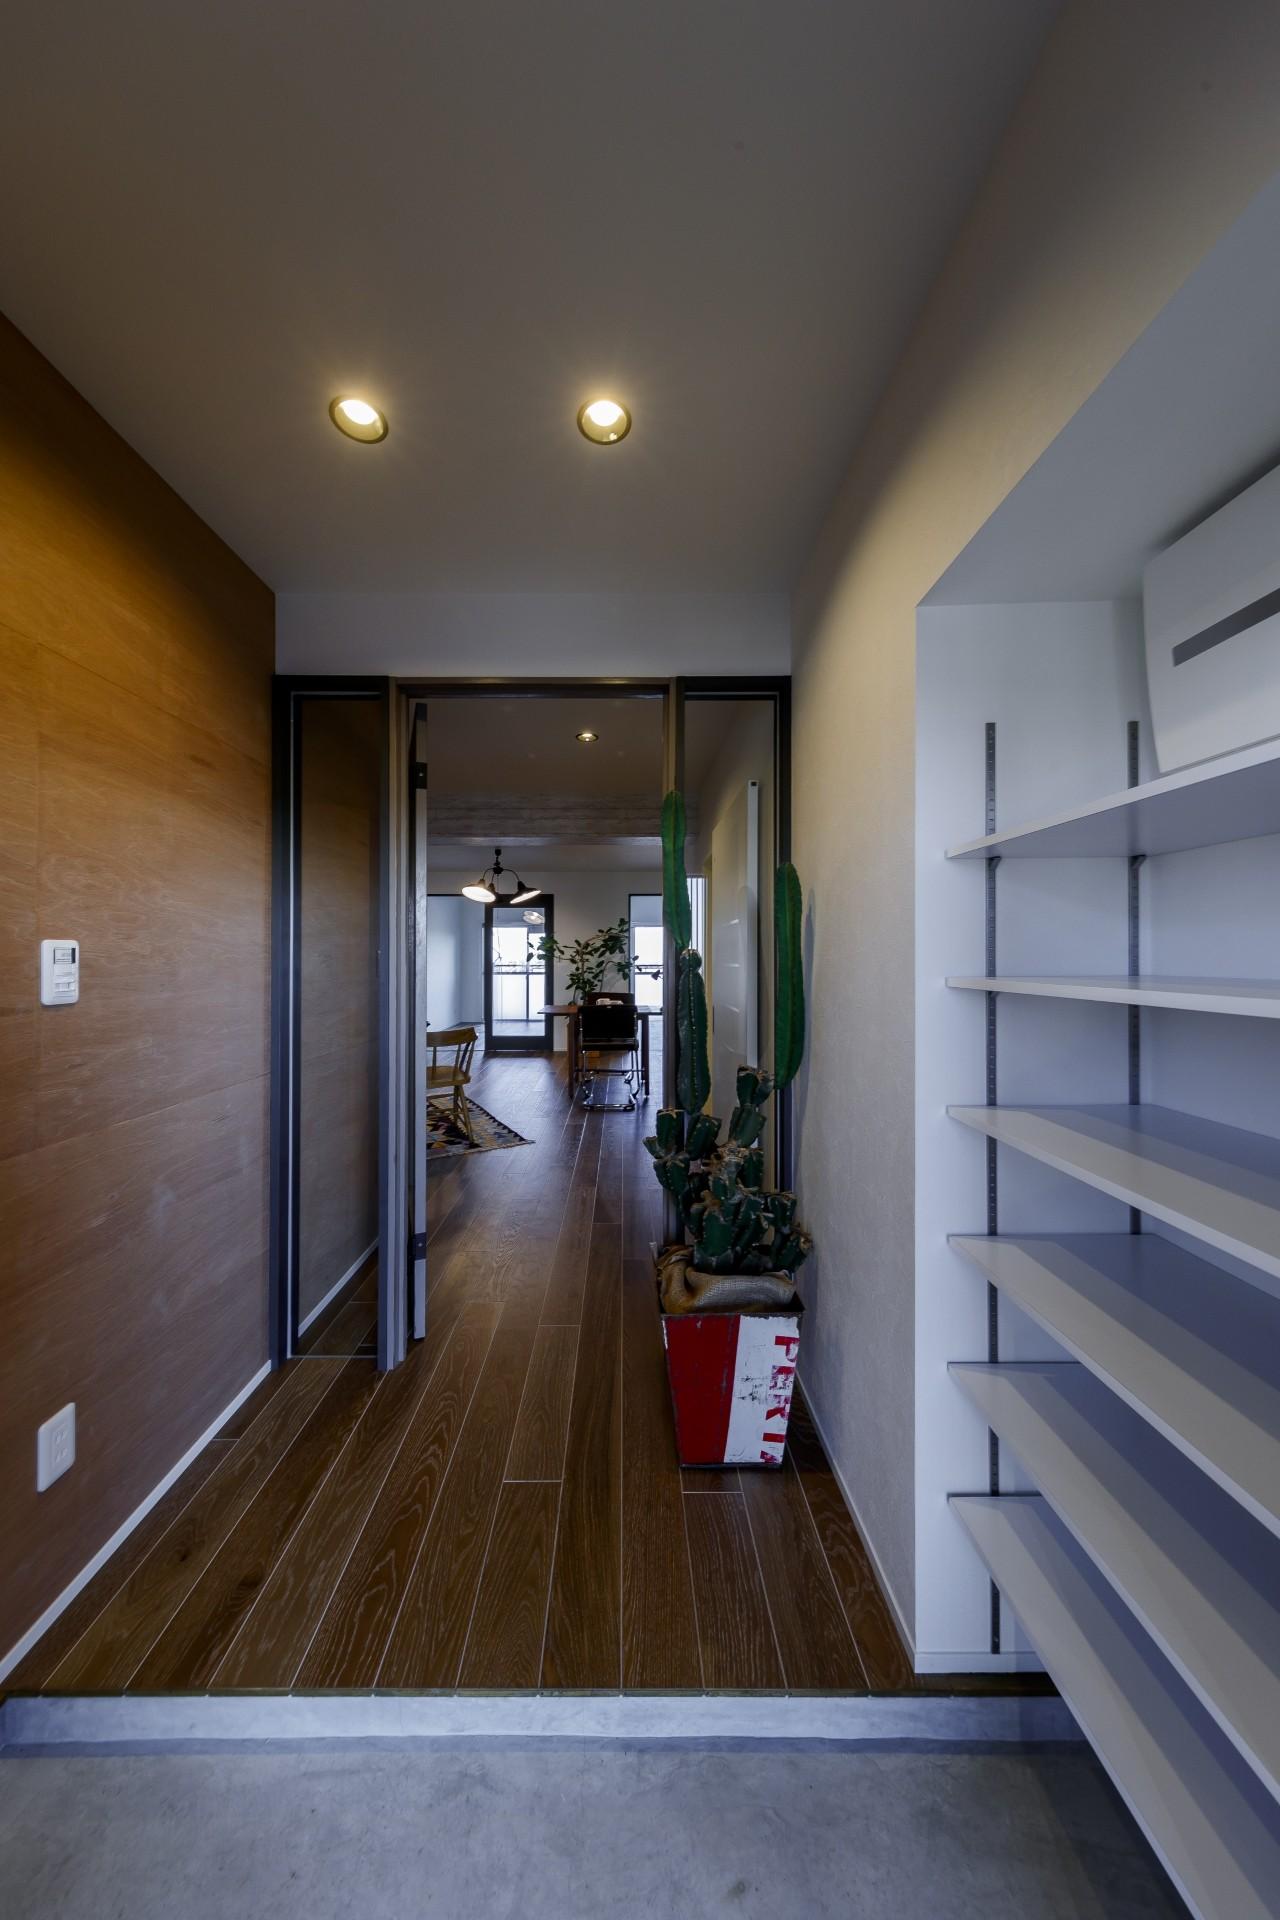 玄関事例:大容量のシューズラックのある玄関(ファッションを楽しむご夫婦のための家)